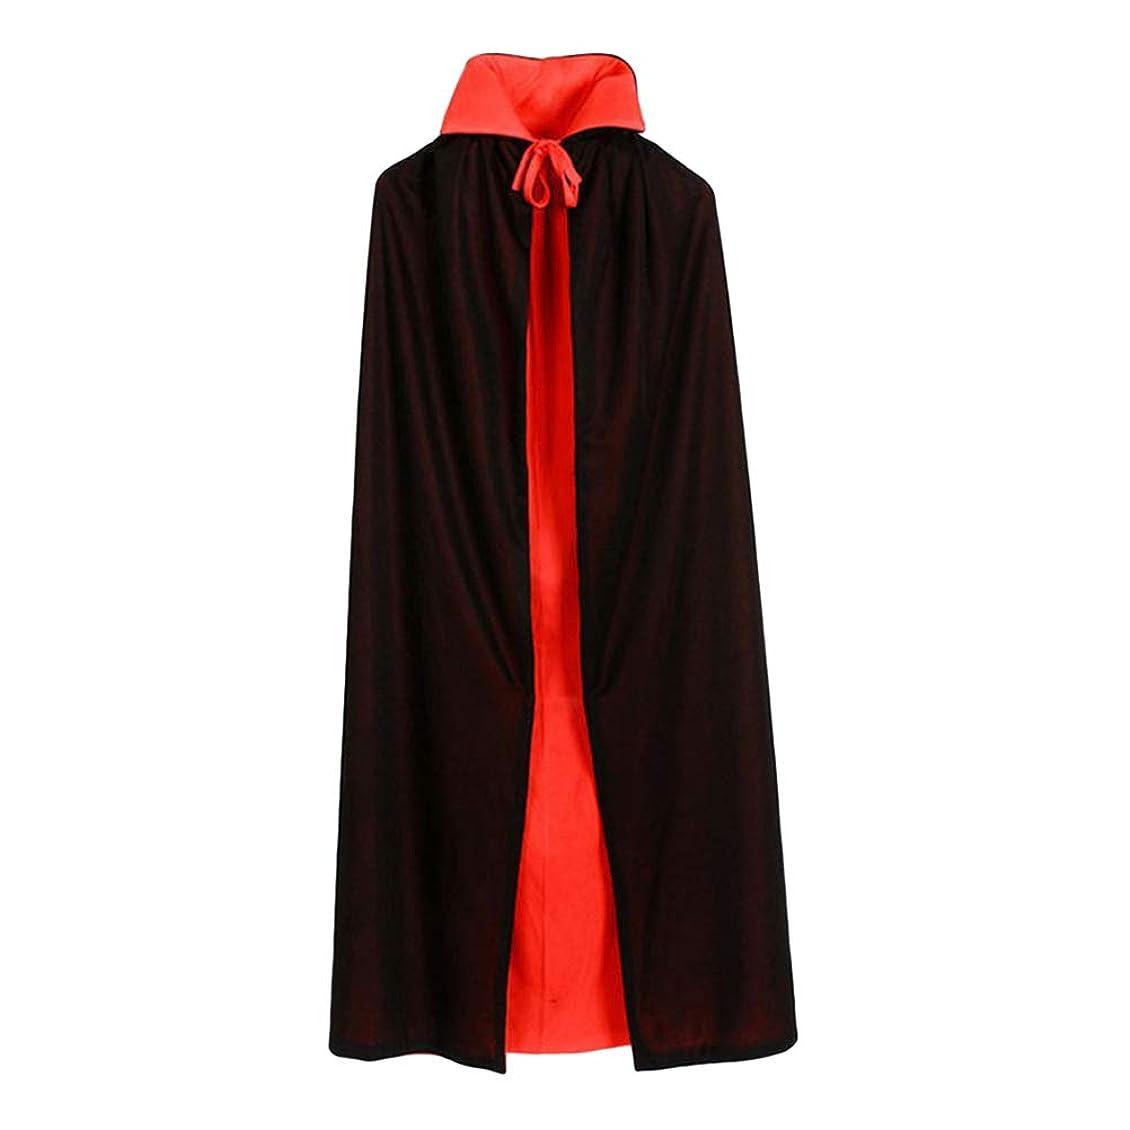 計算するワンダー斧Toyvian ヴァンパイアマント二重層黒と赤のフード付きマントヴァンパイアコスチュームコスプレケープは男の子と女の子のためにドレスアップ(90cmストレートカラーダブルマント)